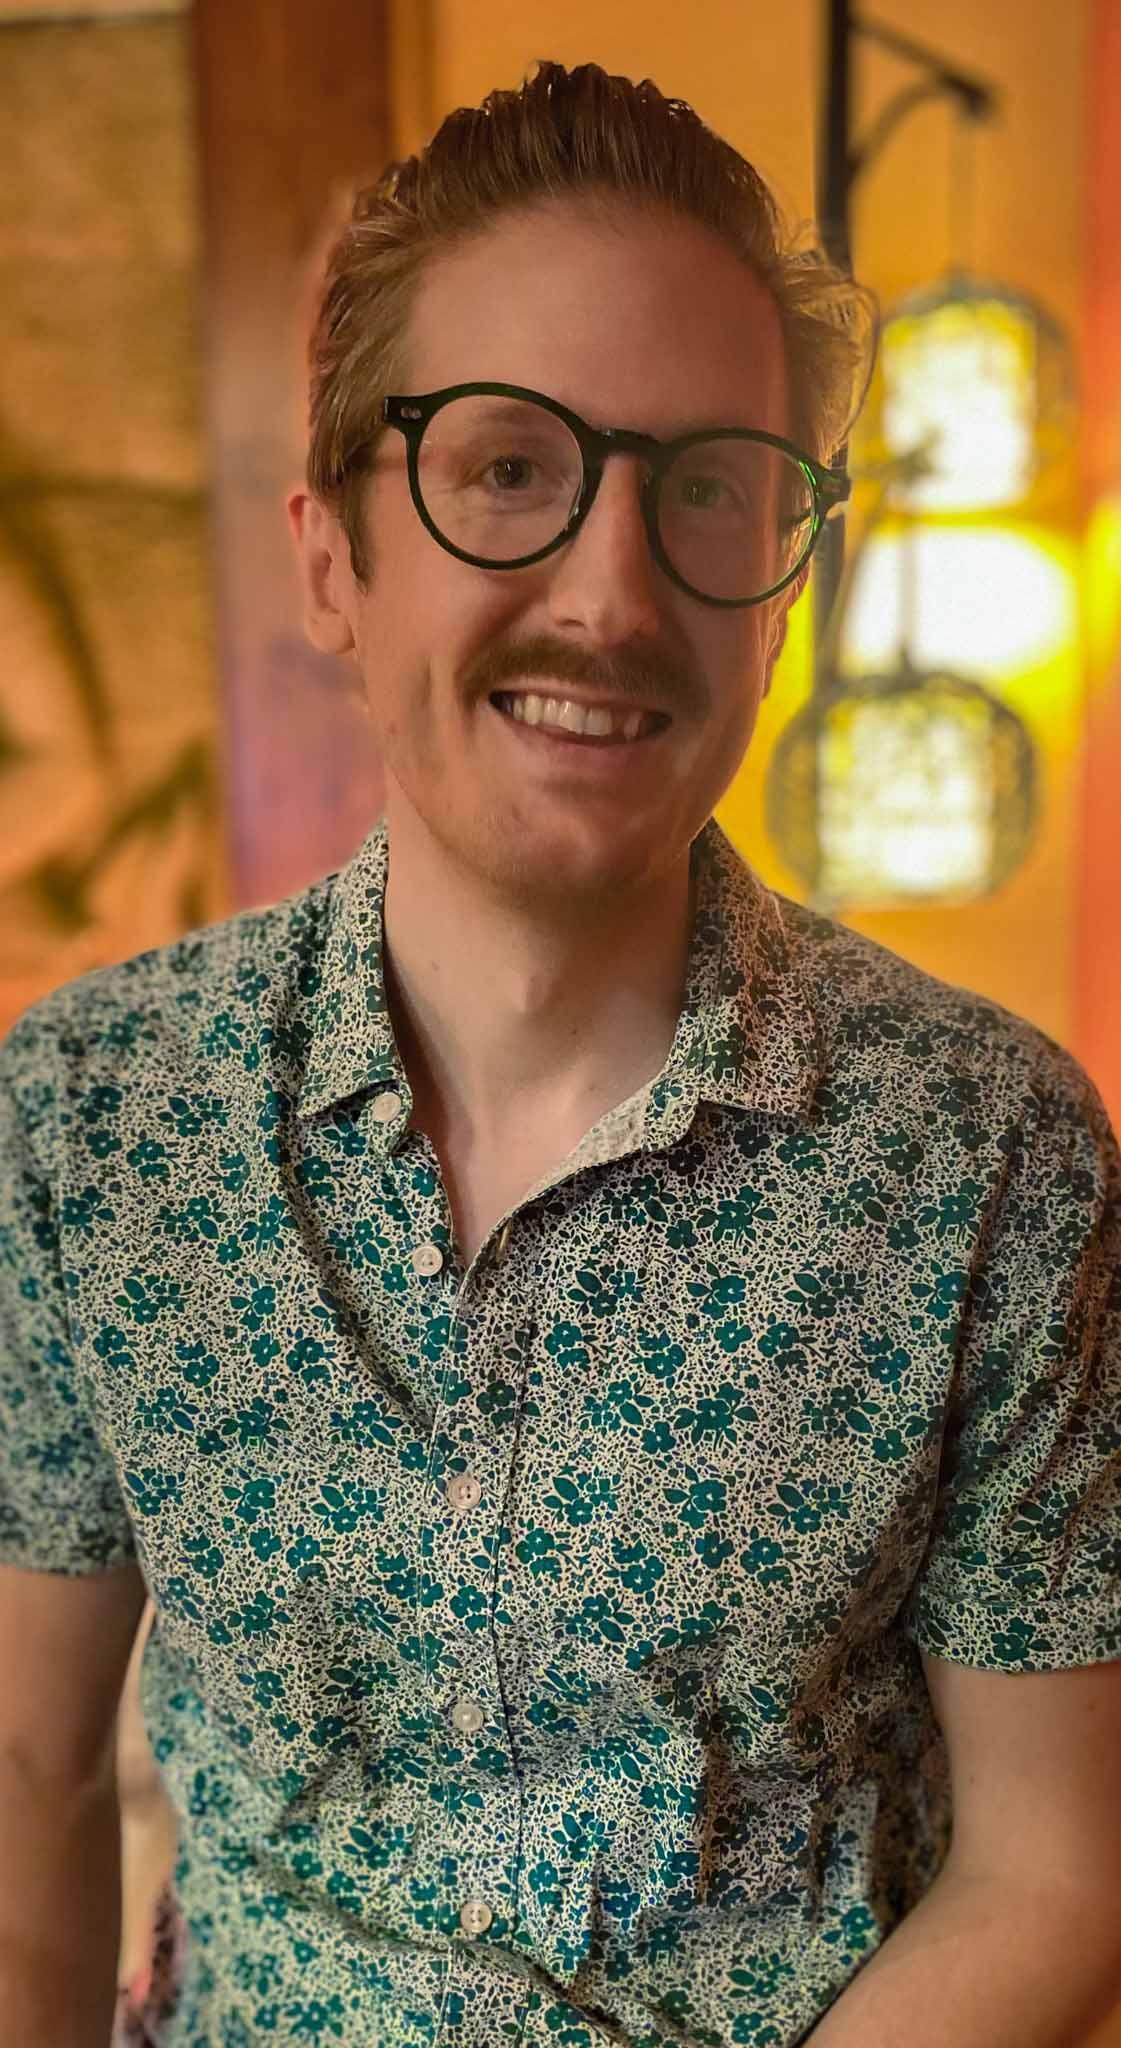 Michael Van Esler